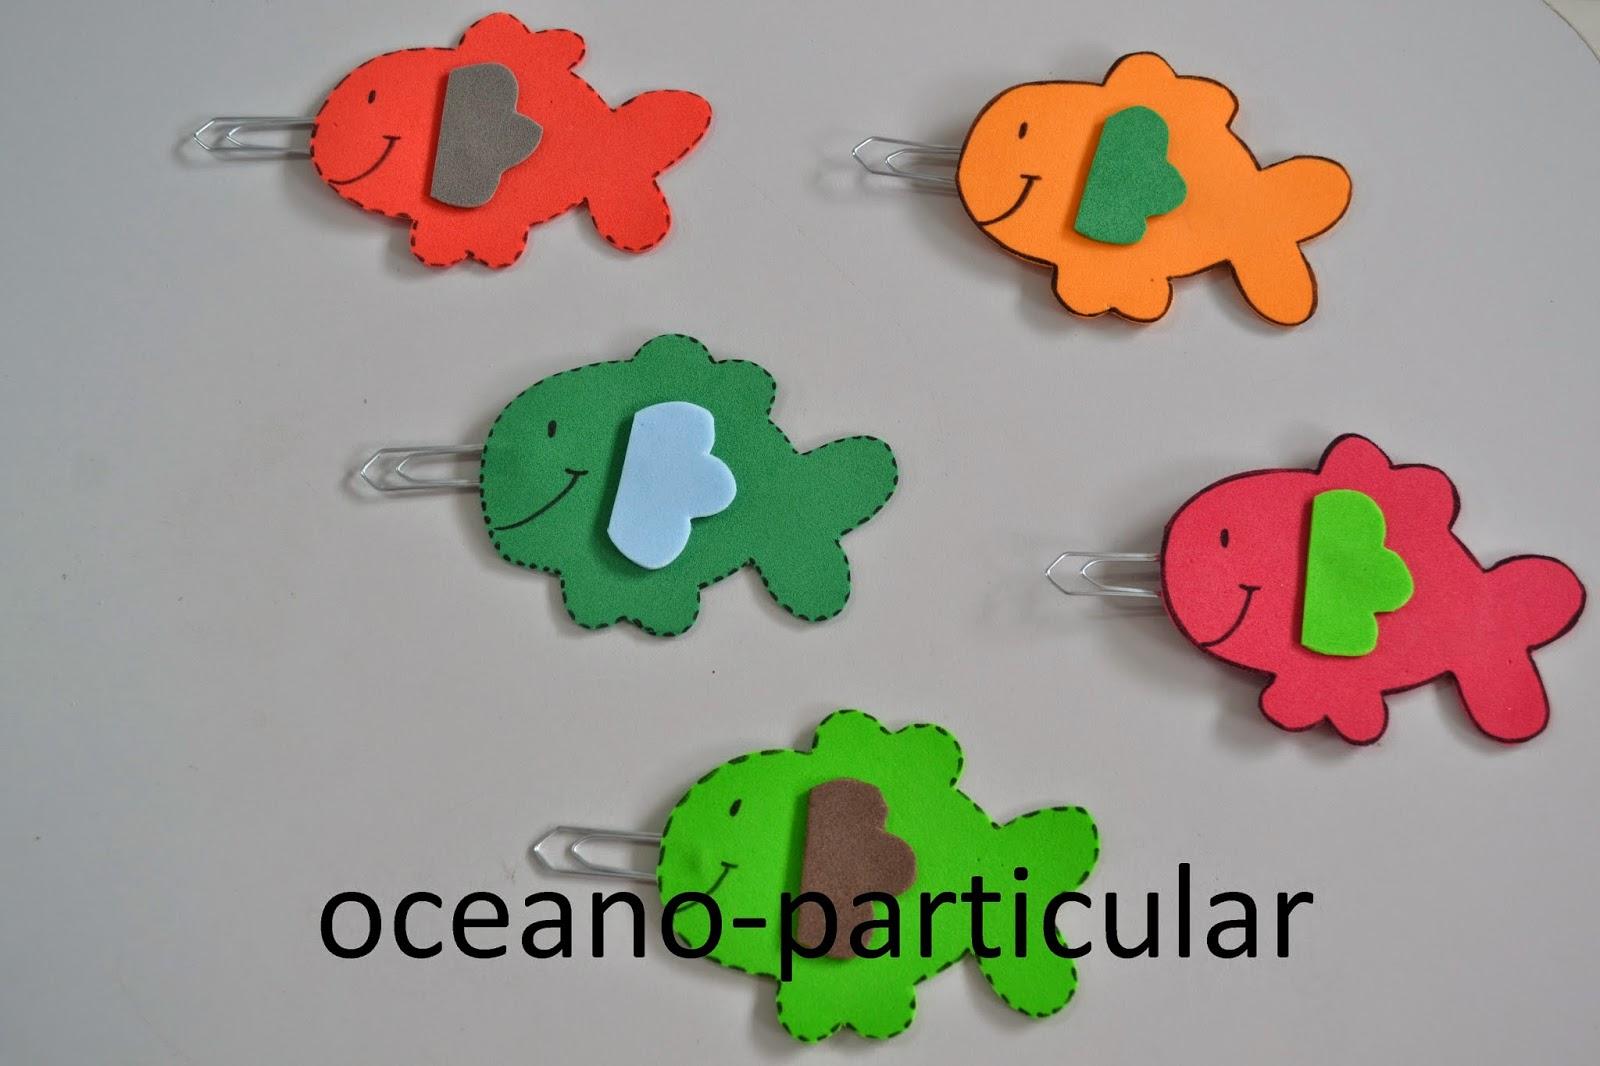 Oceano particular como fazer jogo de pescaria em eva for Mural de isopor e eva